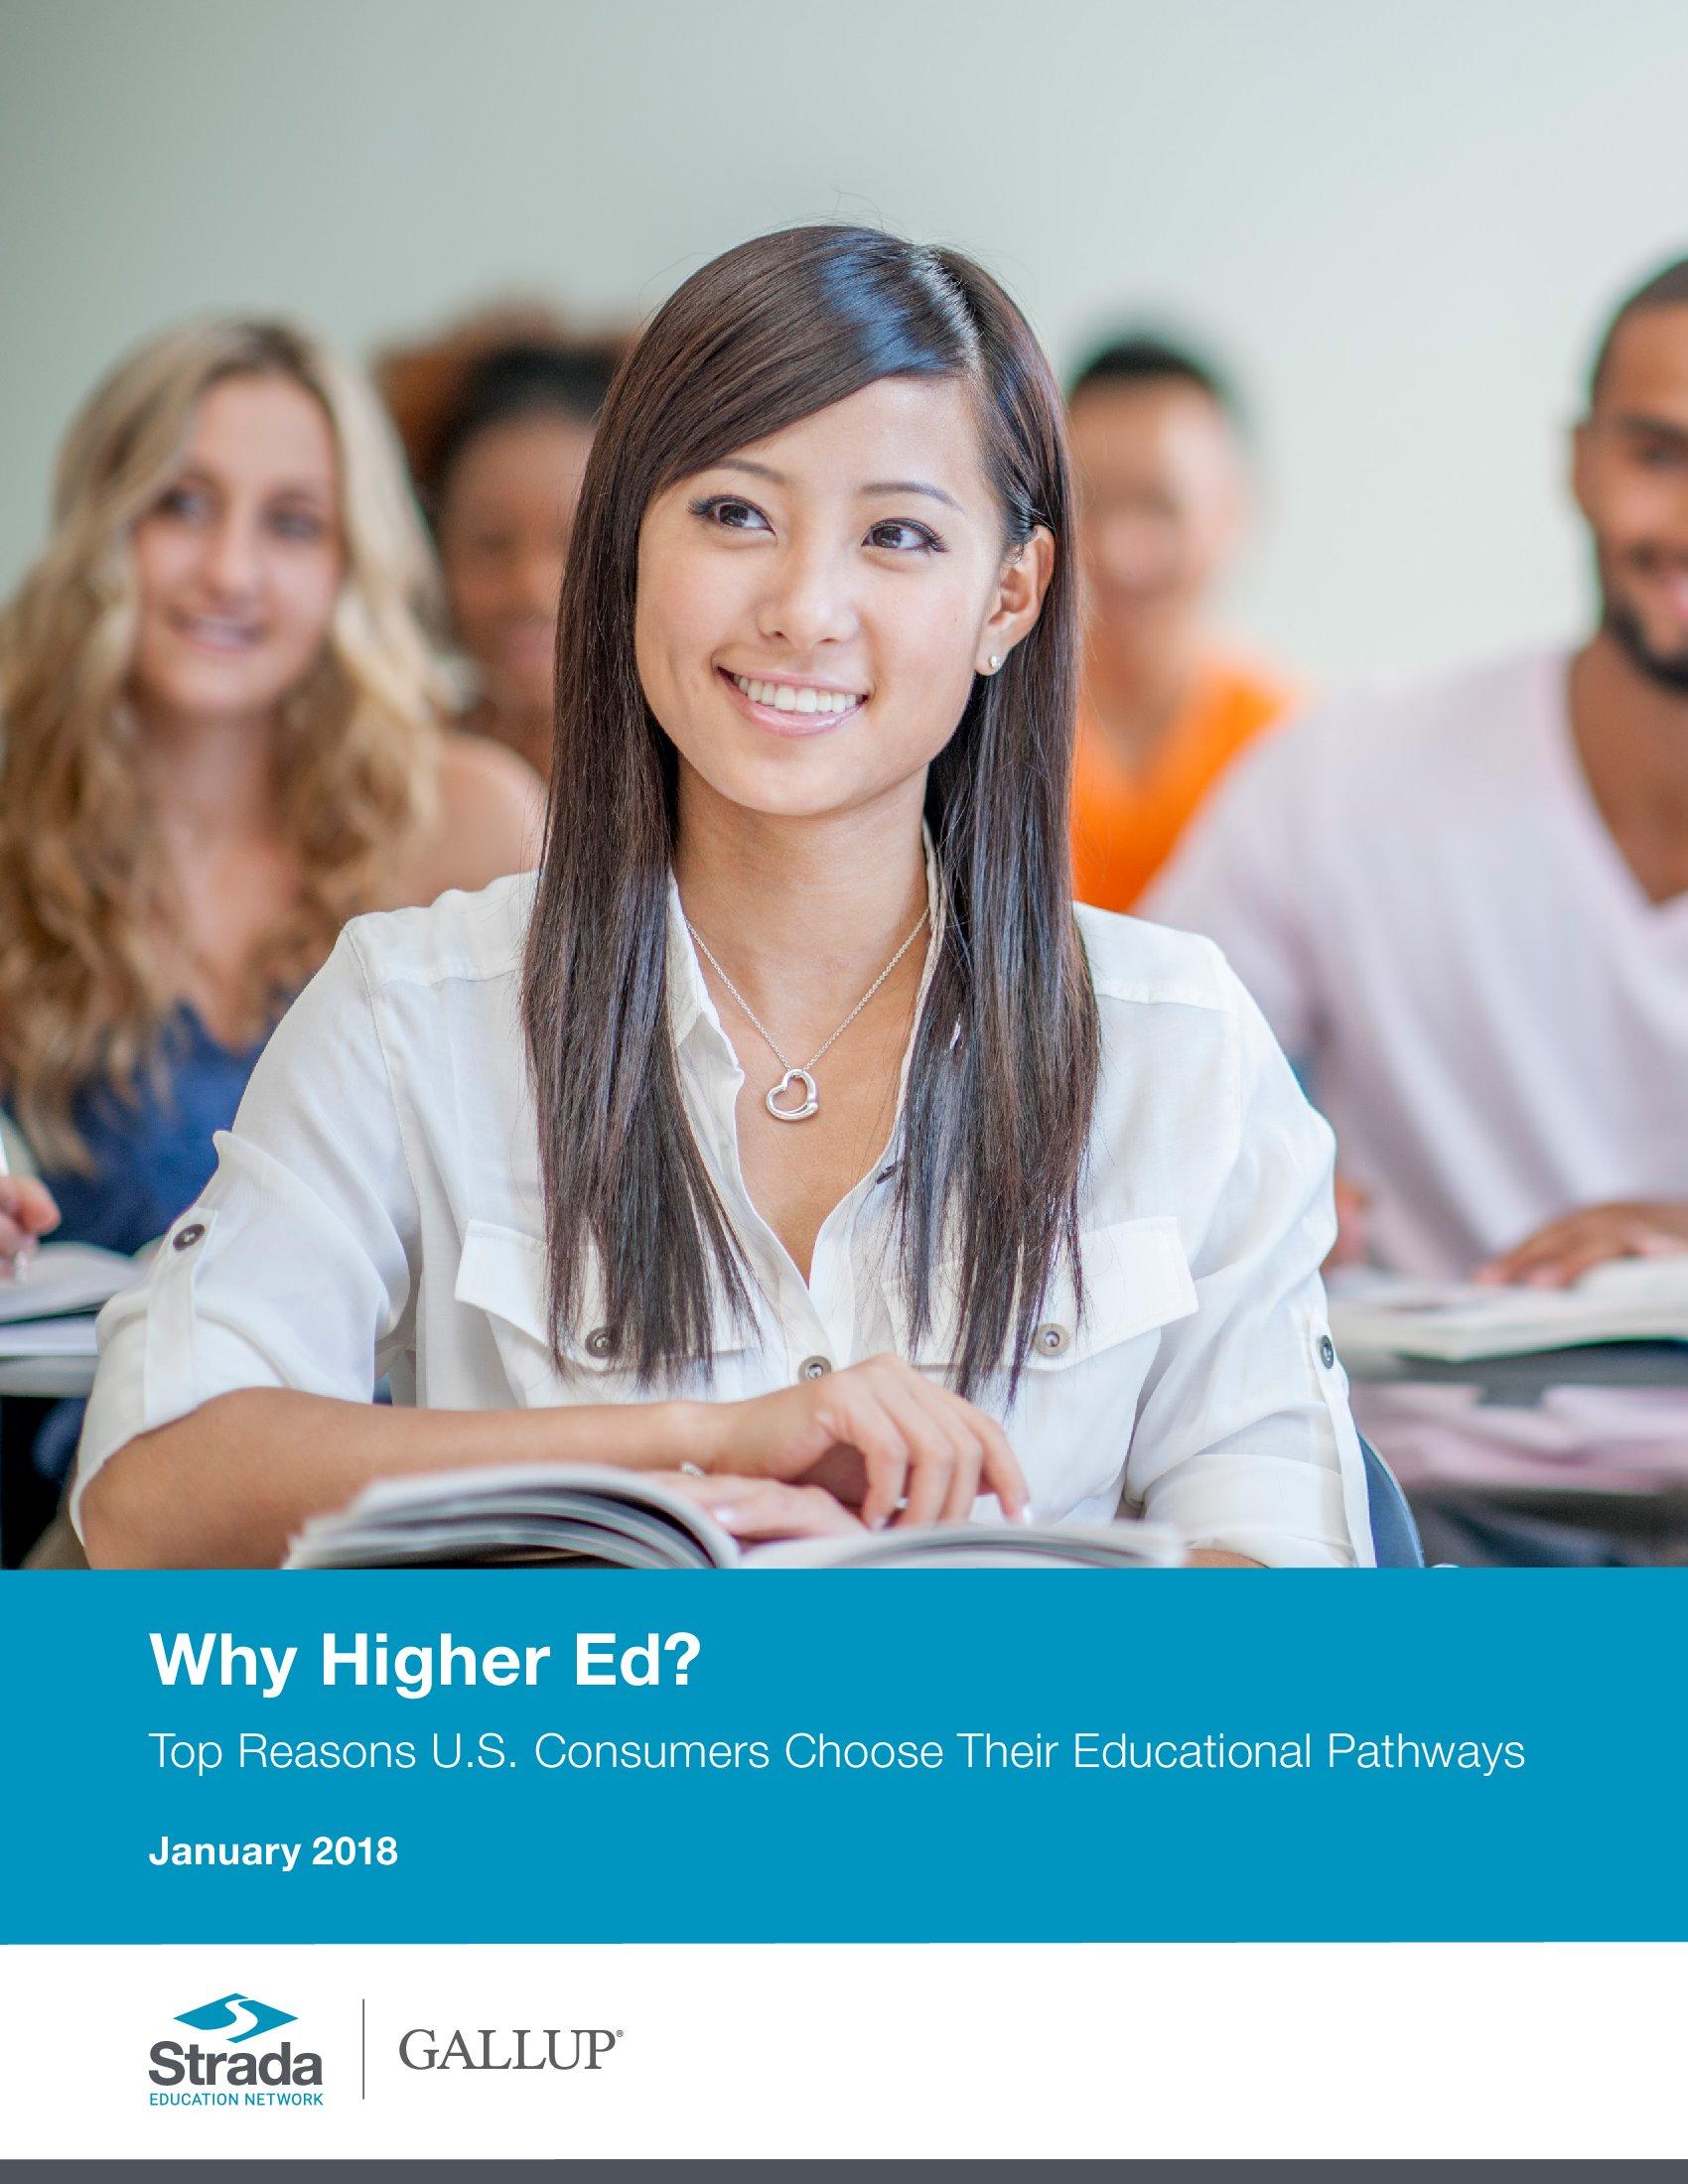 盖洛普:58%的美国人接受高等教育的目的是找份好工作